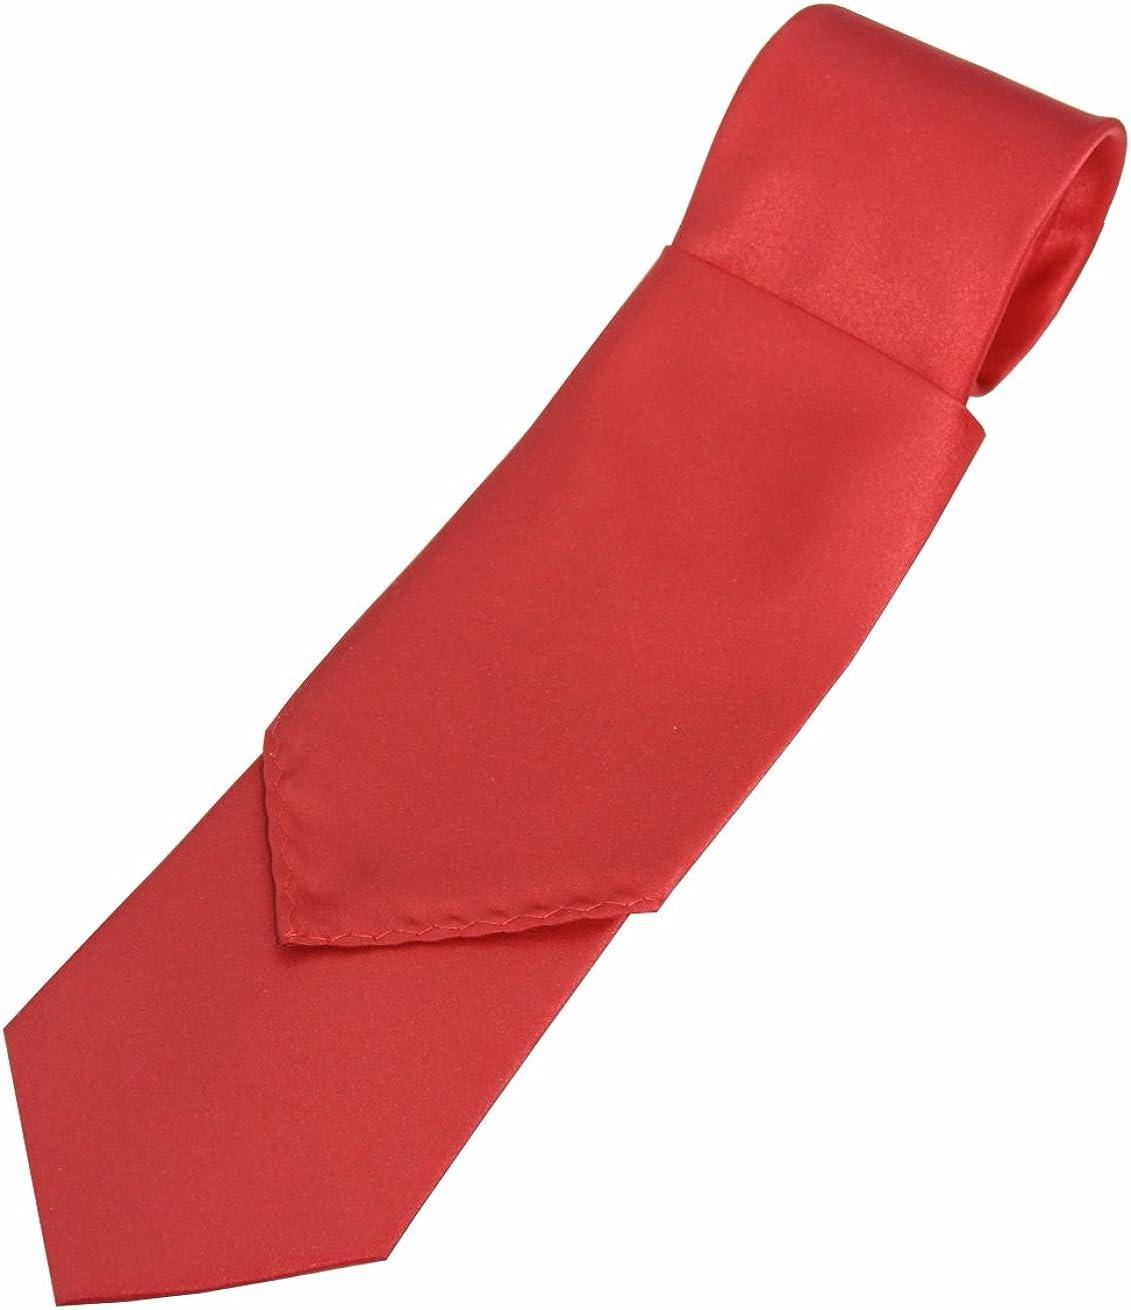 Solid Satin Men's Necktie and Pocket Square set in Scarlet